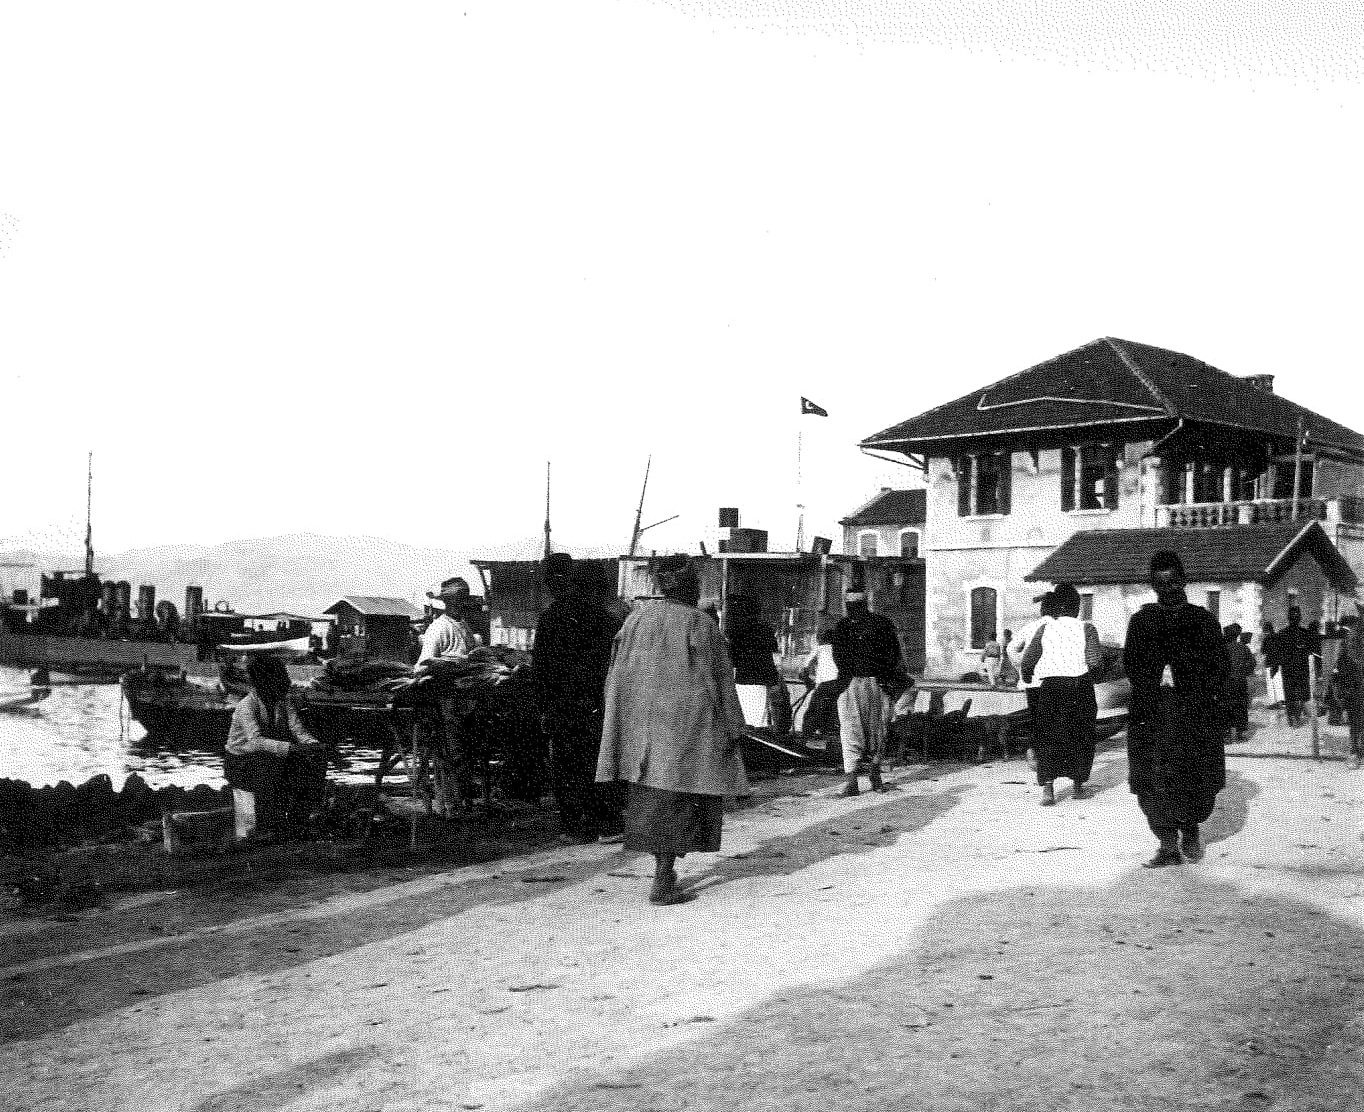 Beirut Port 1910, Police Station